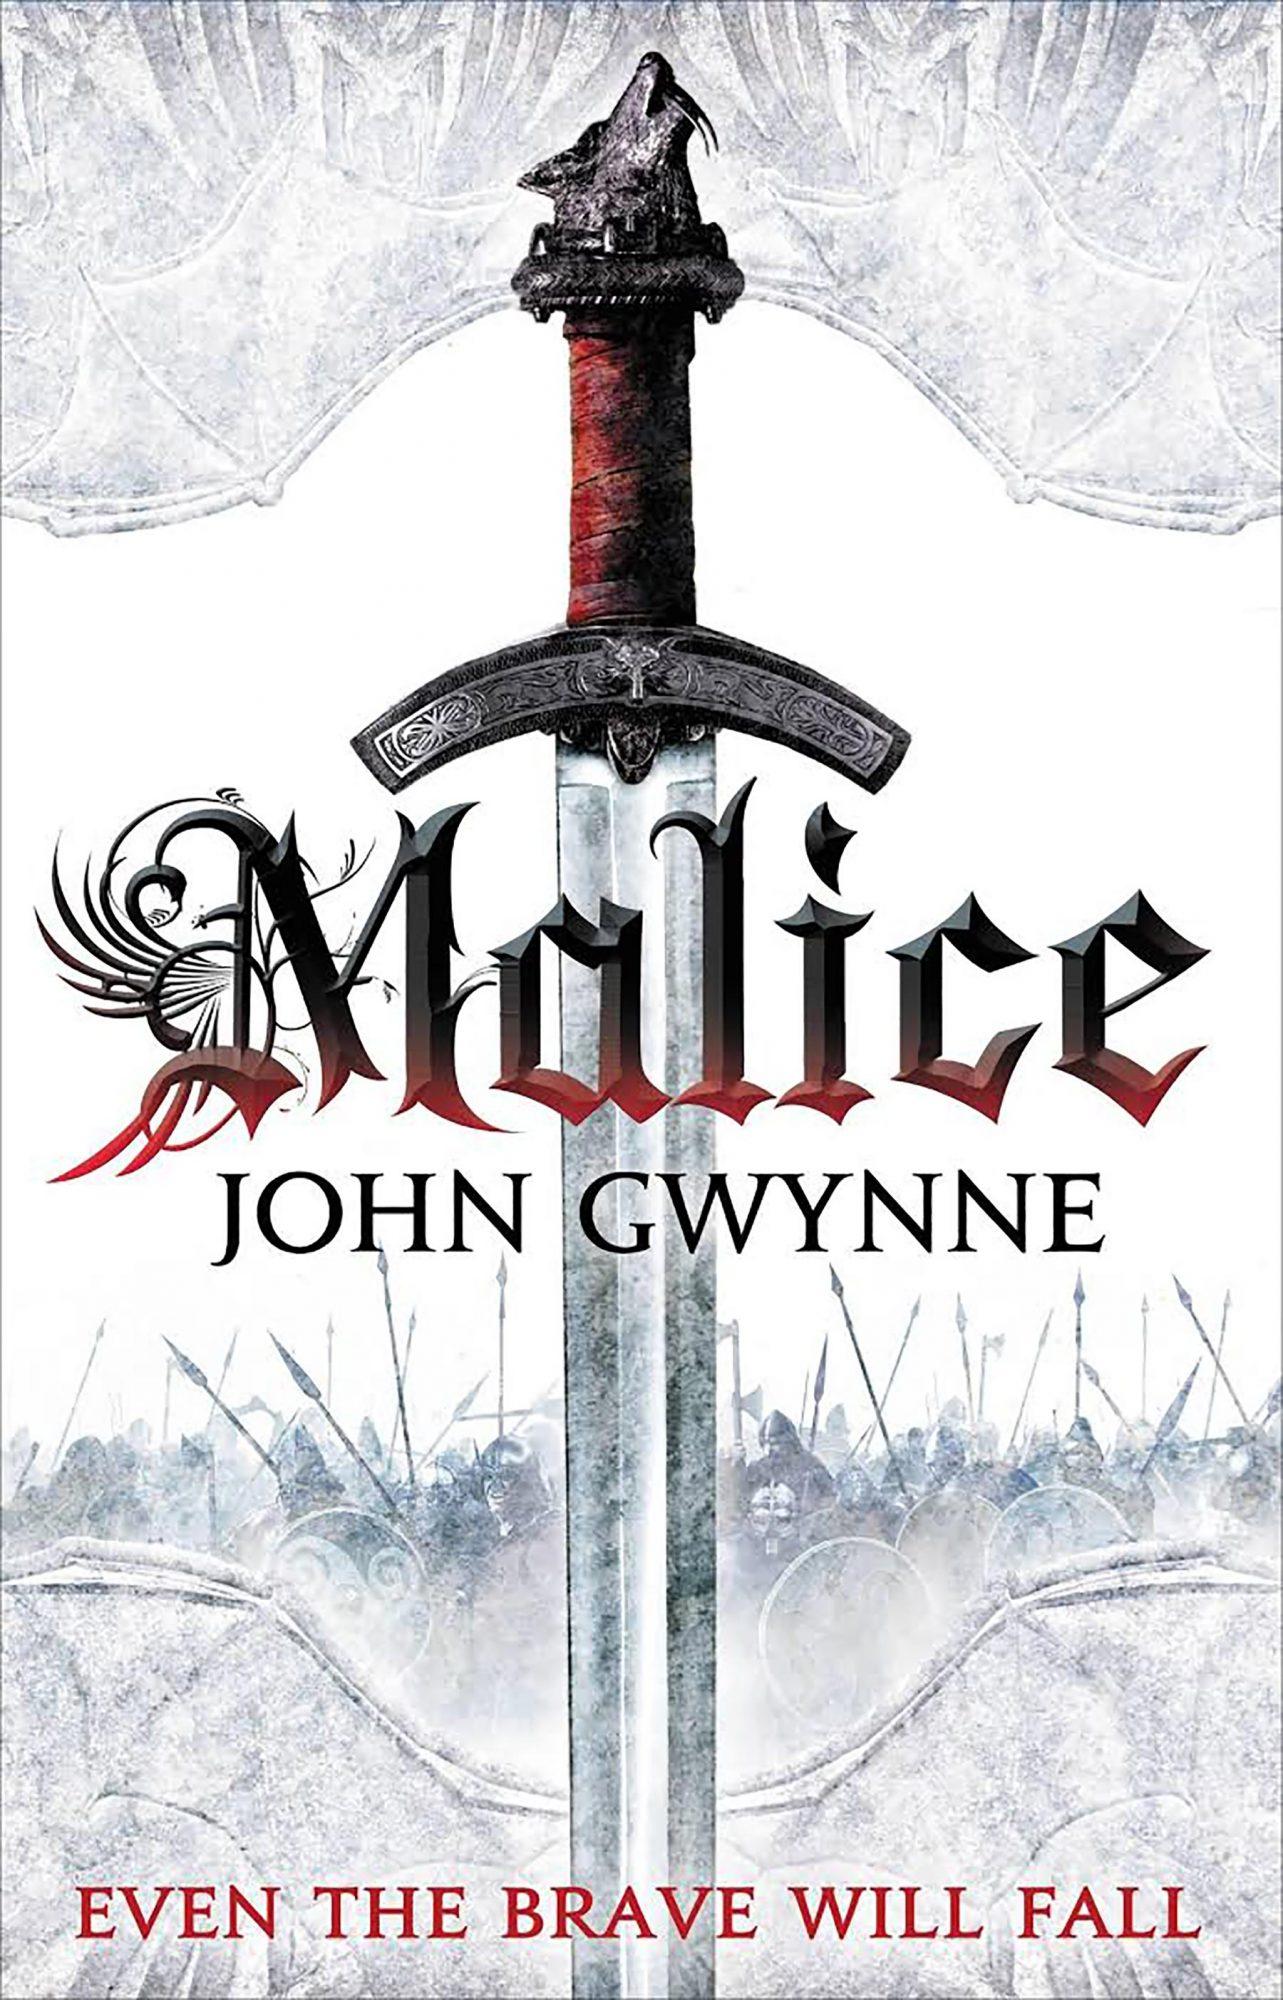 John Gwynne, Malice